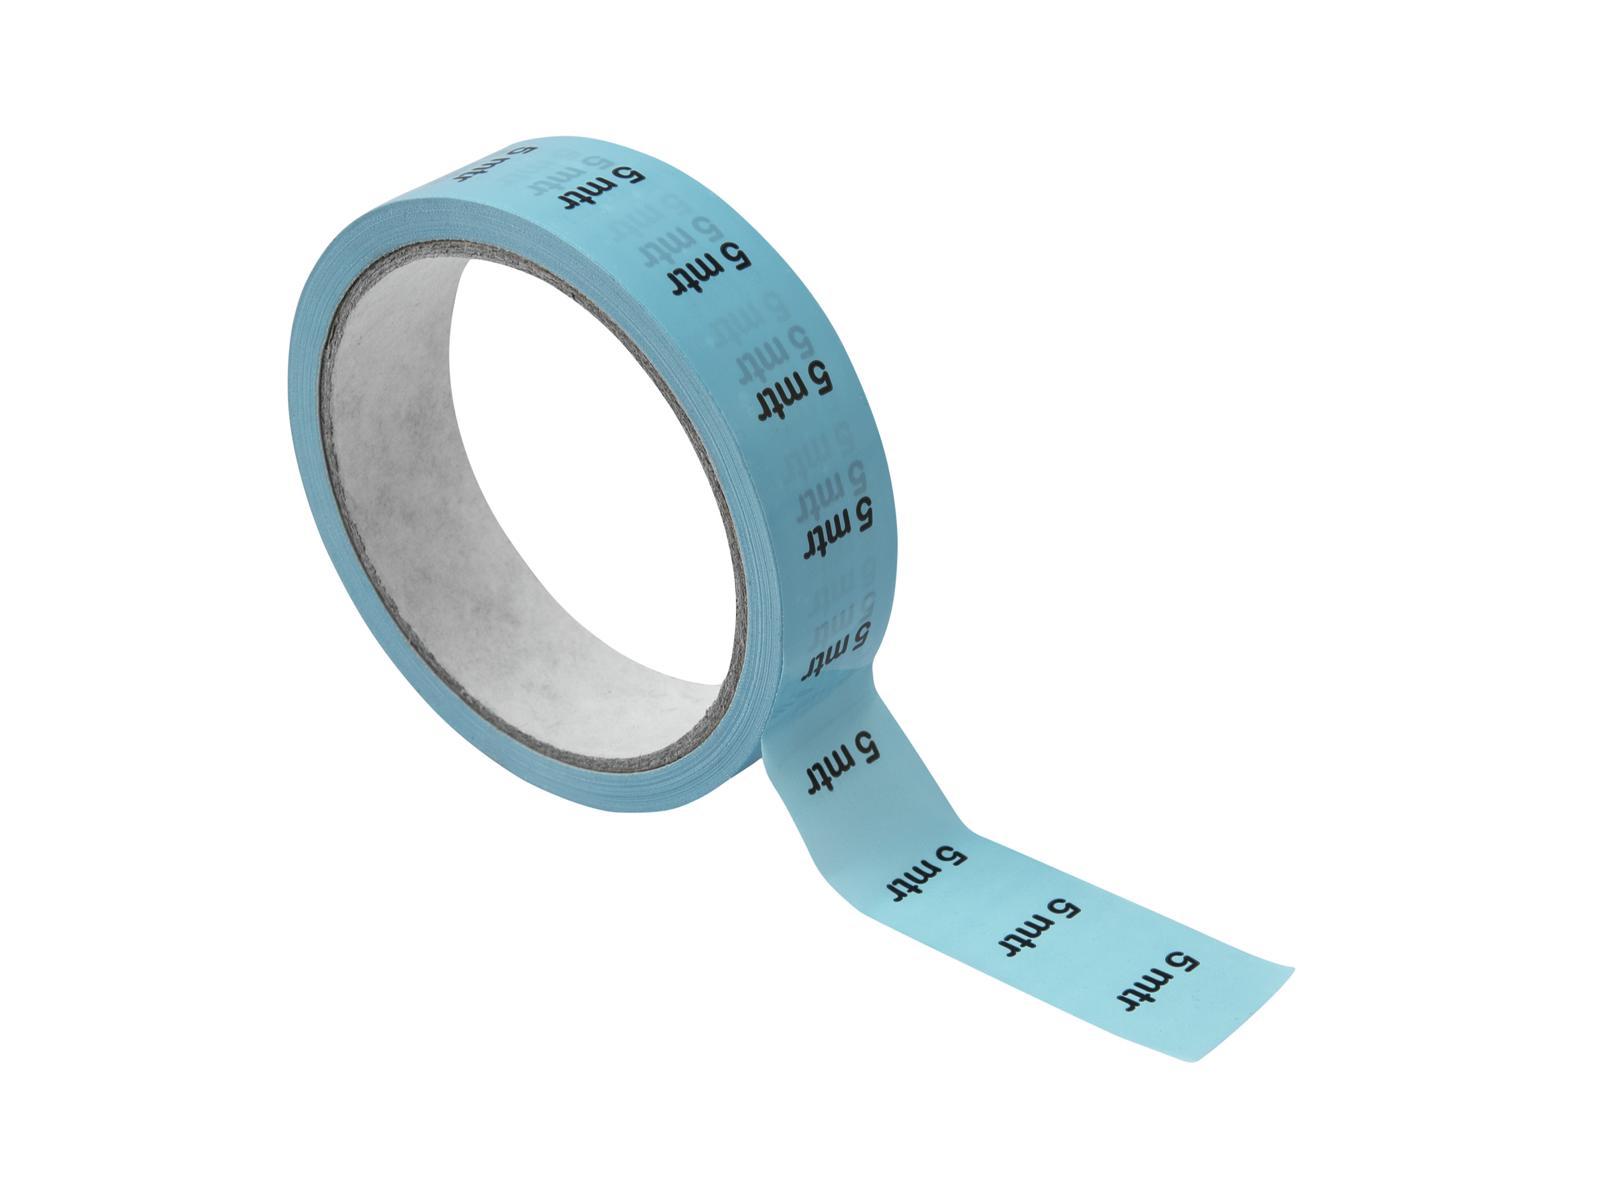 ACCESSORY Kabelmarkierung 5m, blau